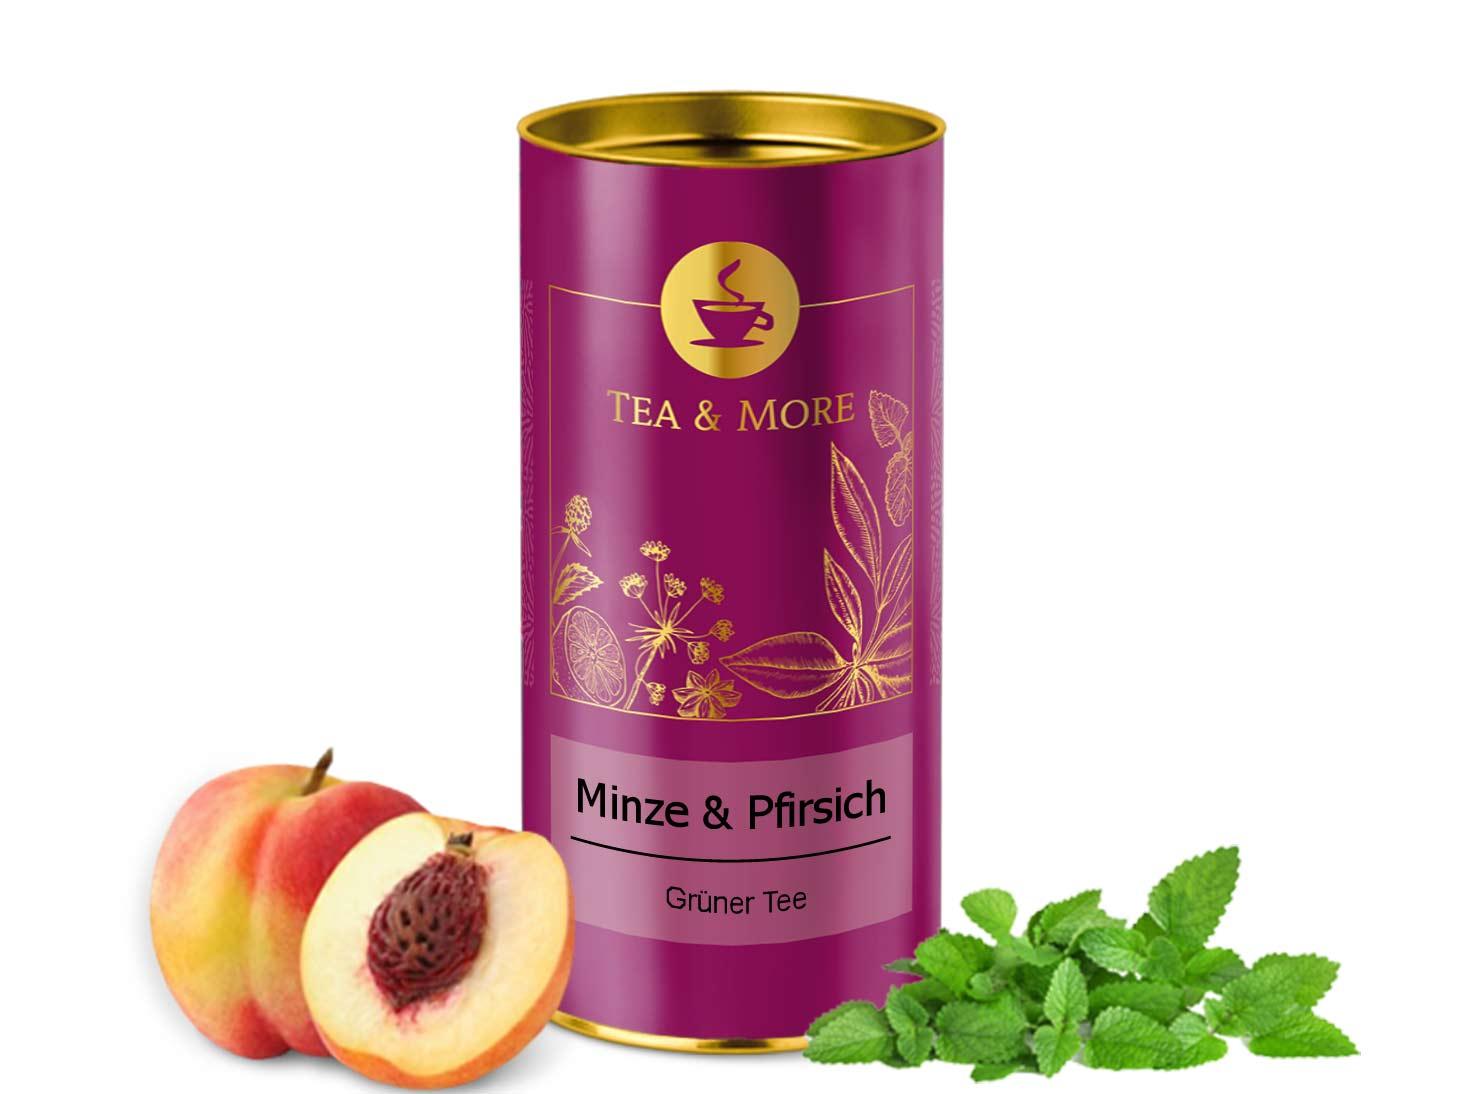 Minze & Pfirsich